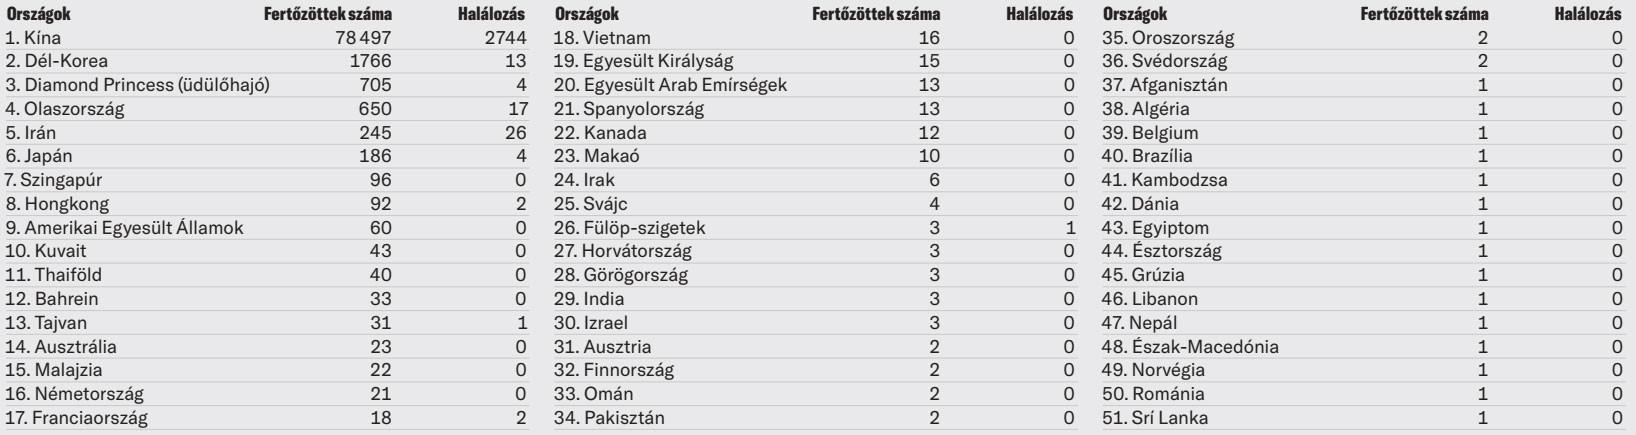 Azon országok listája, ahol már igazoltan kimutatták a Covid–19 jelenlétét